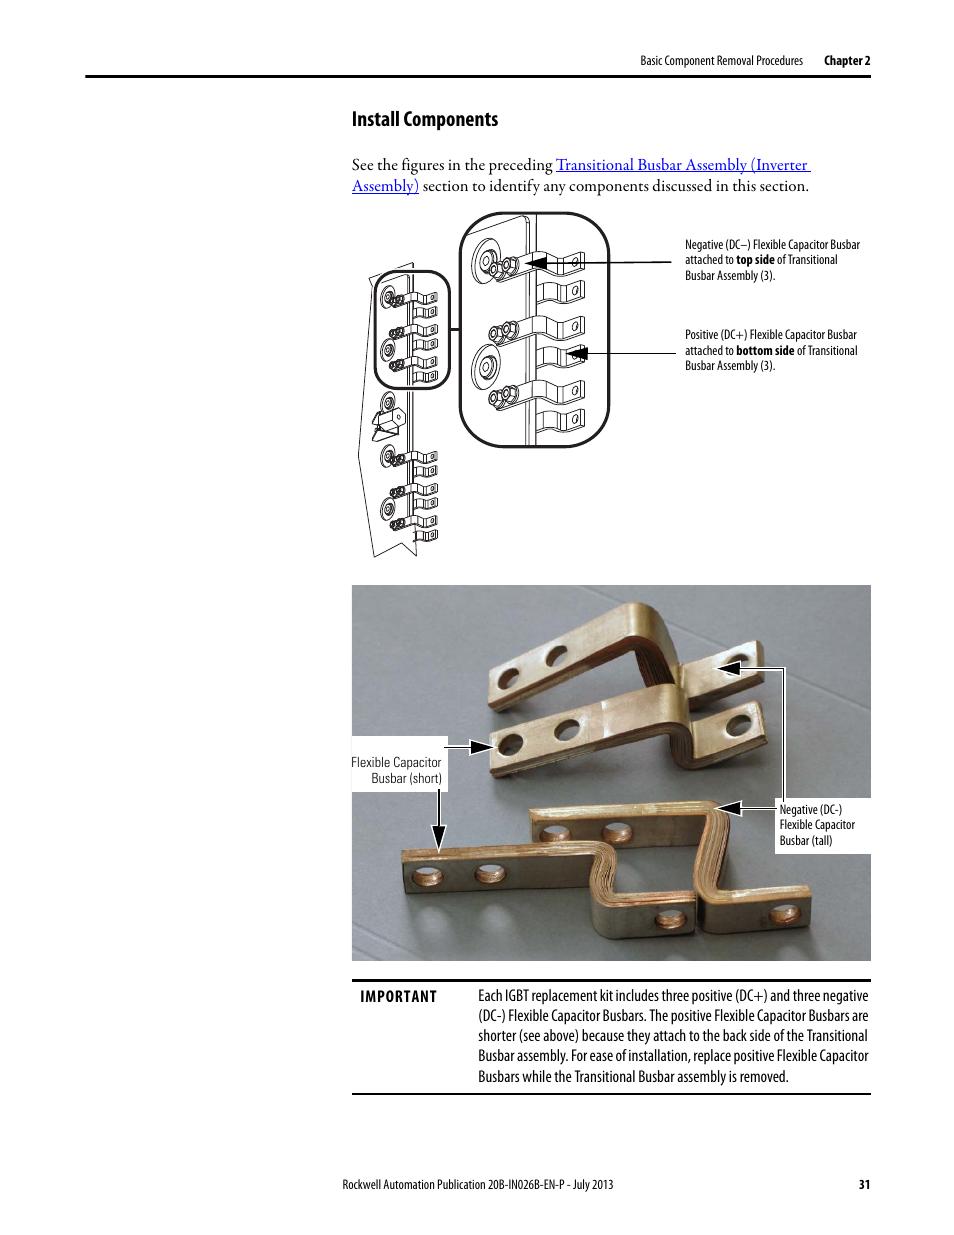 WRG-2785] Rockwell Powerflex 700 Wiring Diagram